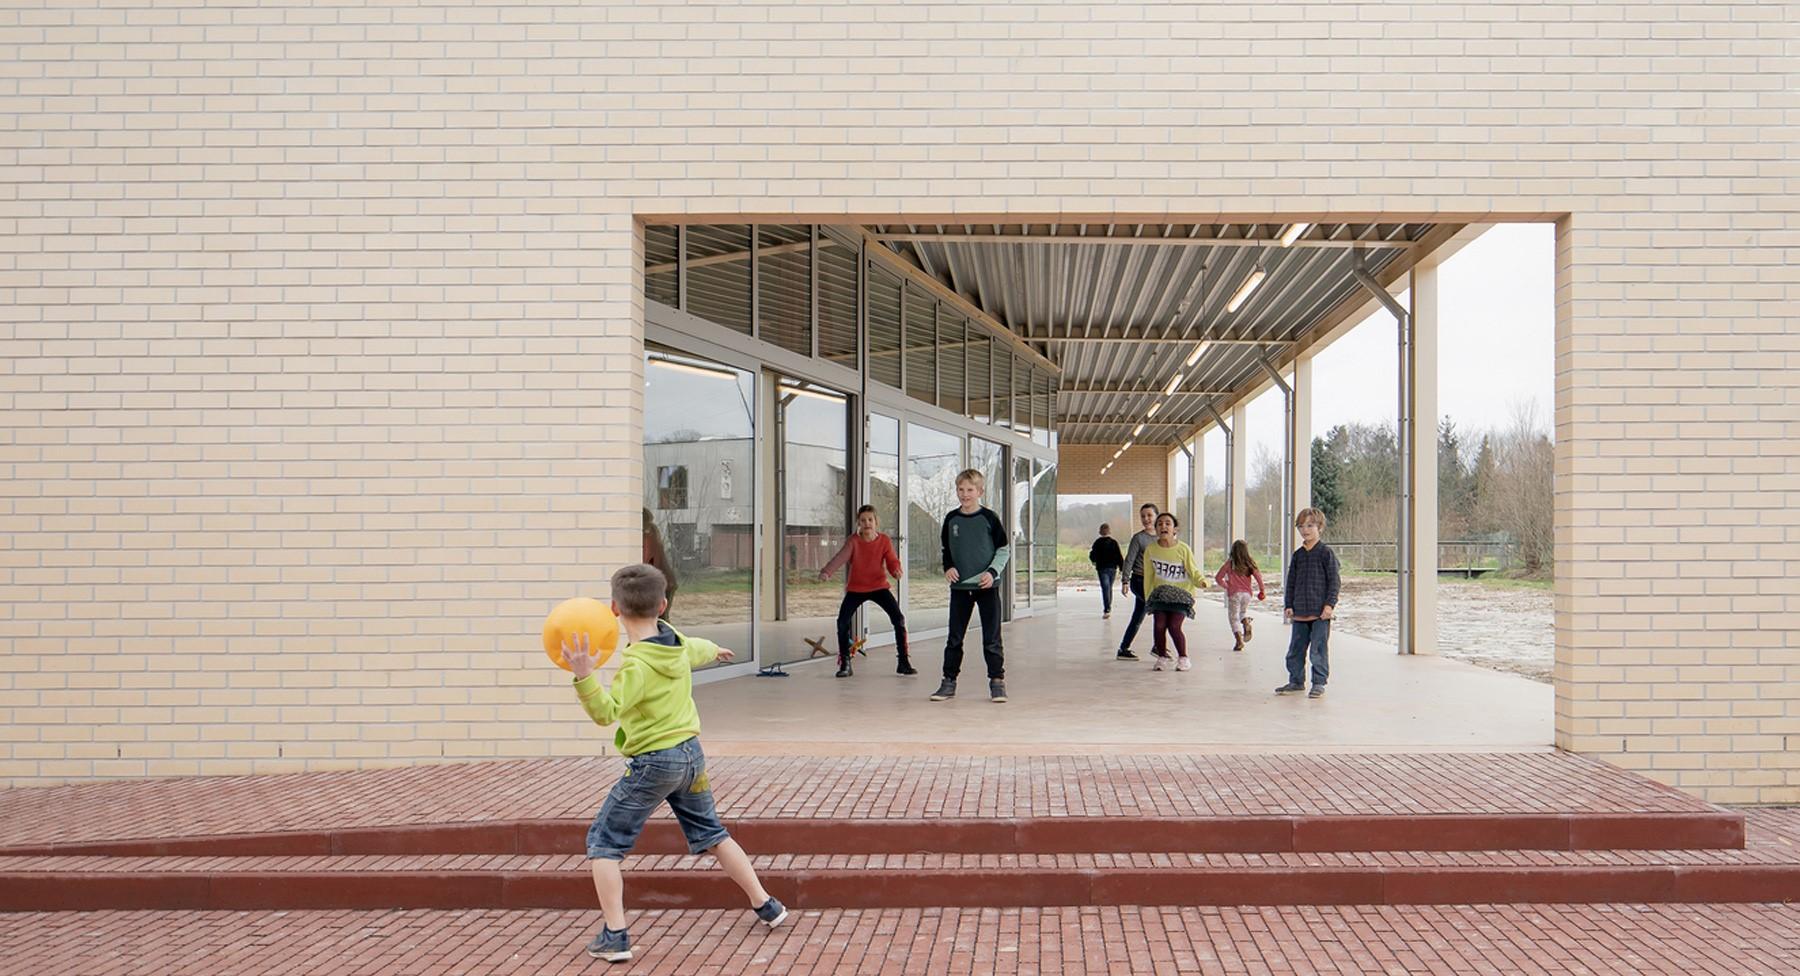 מפגש 19: אדריכלות בונה קהילה